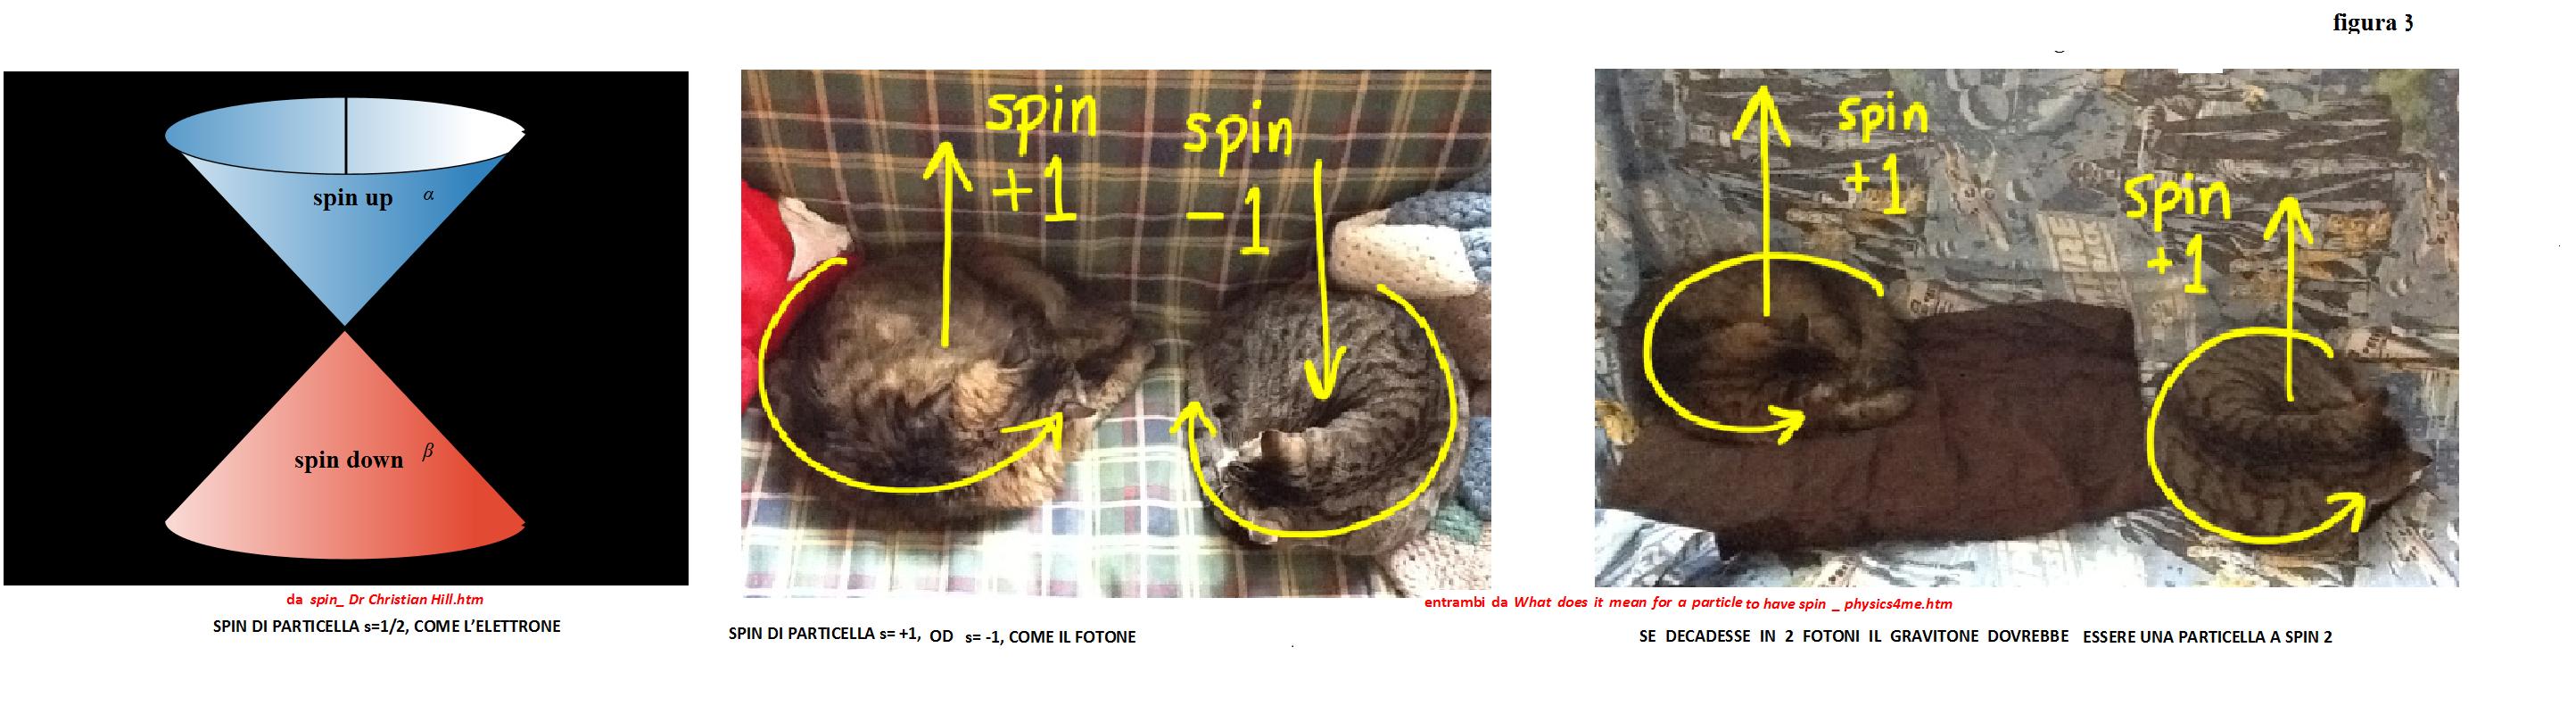 lo spin del fotone che ¨ = 1 o 1 e quello delgravitone = 2 in figura 3 Il bosone di Higgs ¨ stabile al di sotto di 1015 gradi K